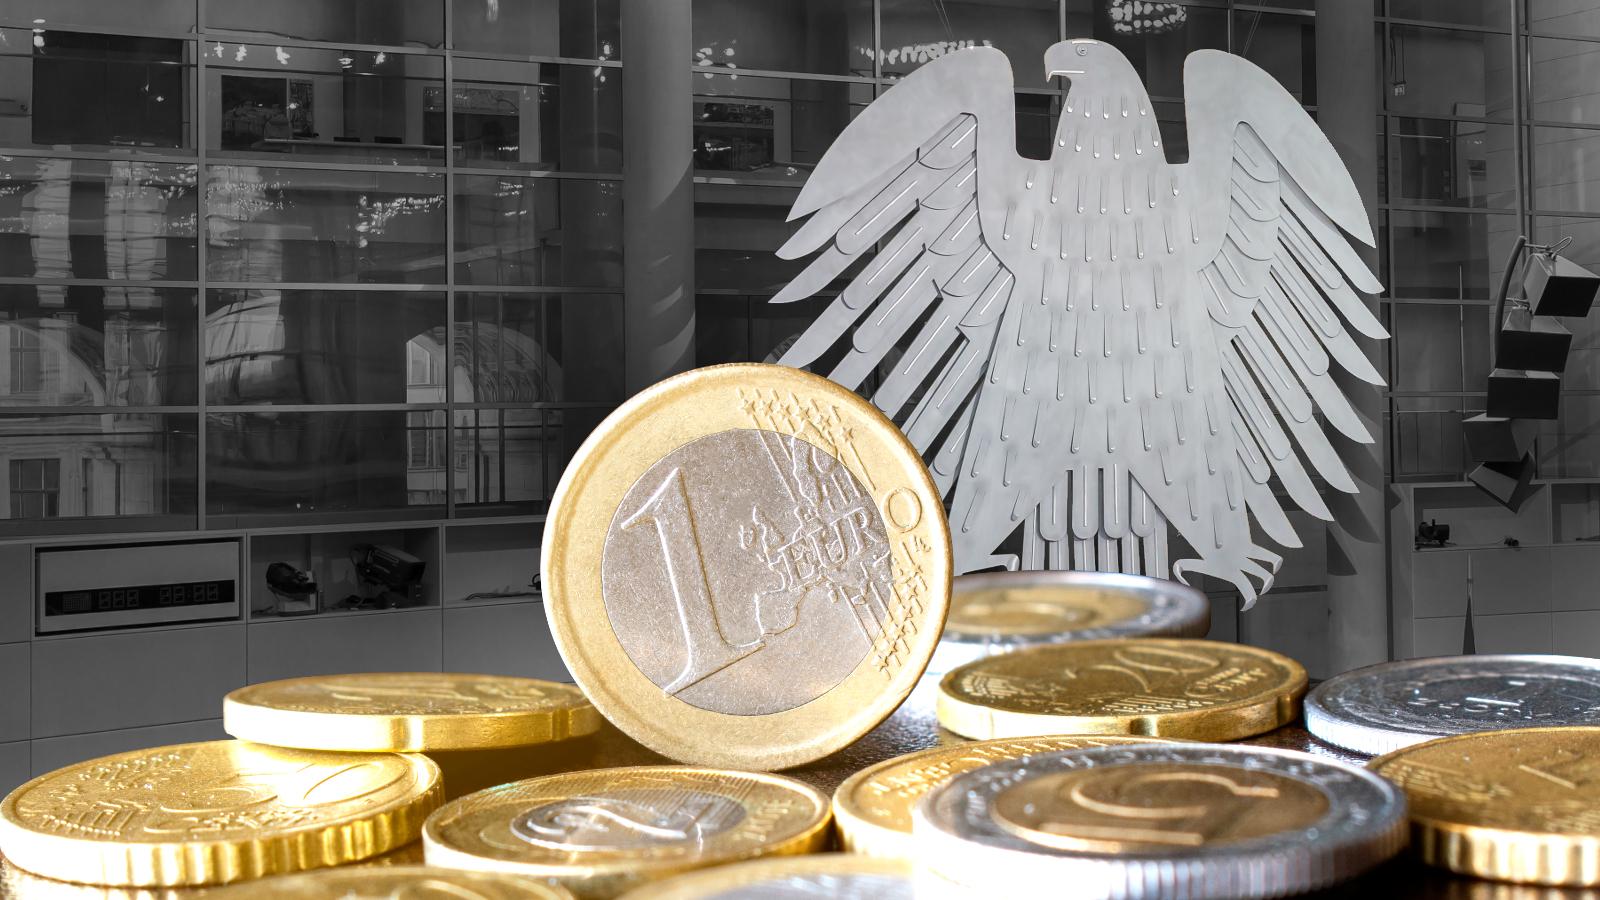 Bundesrat und Bundestag billigen den EU-Corona-Wiederaufbaufonds